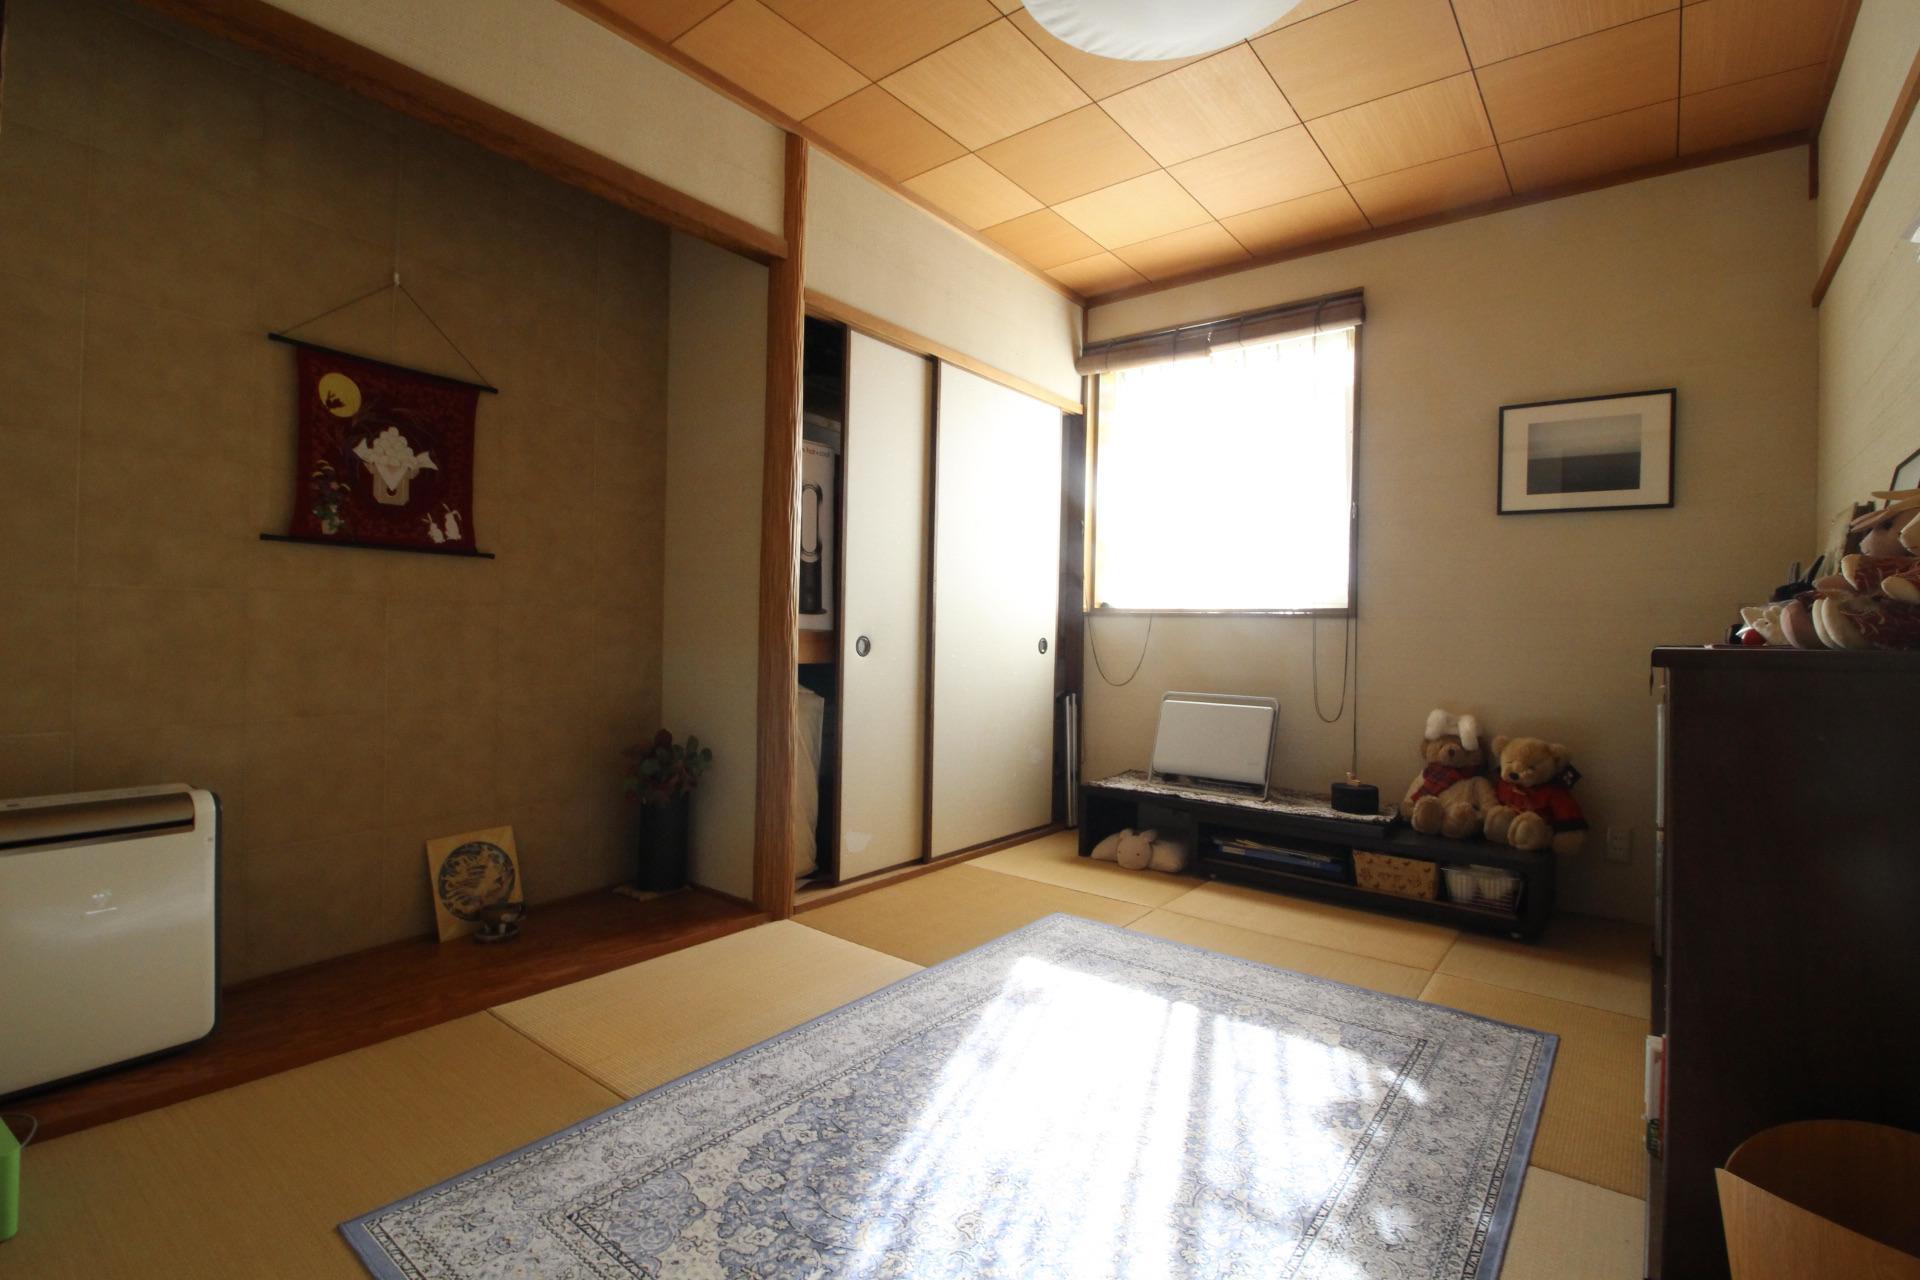 天井板に床の間までしっかり造り込まれた和室